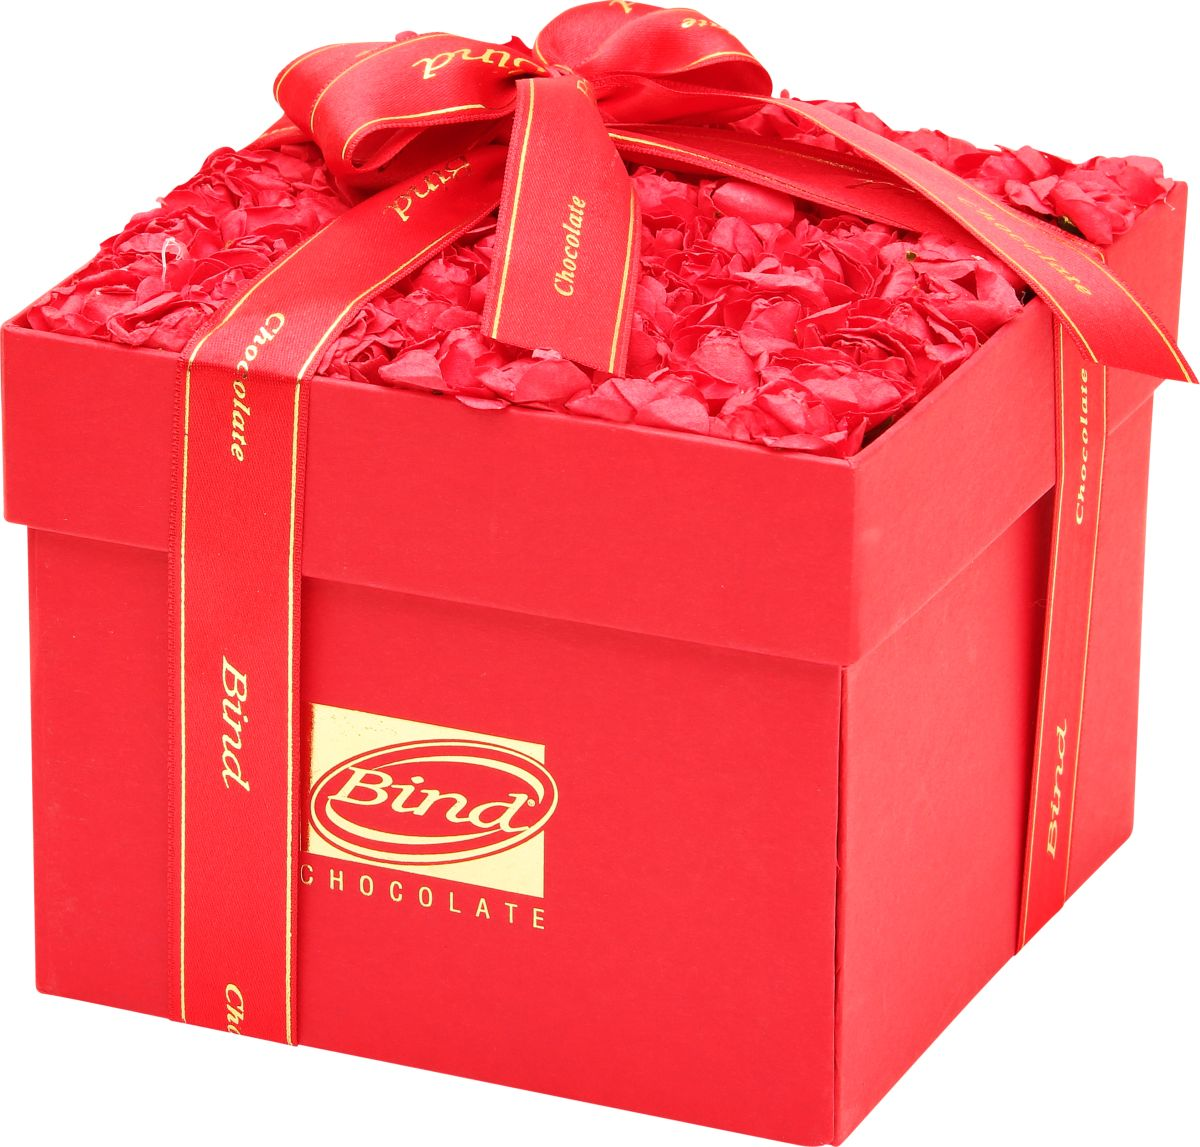 Bind Сюрприз набор шоколадных конфет, 360 г женские ботинки promation bind x71744 d